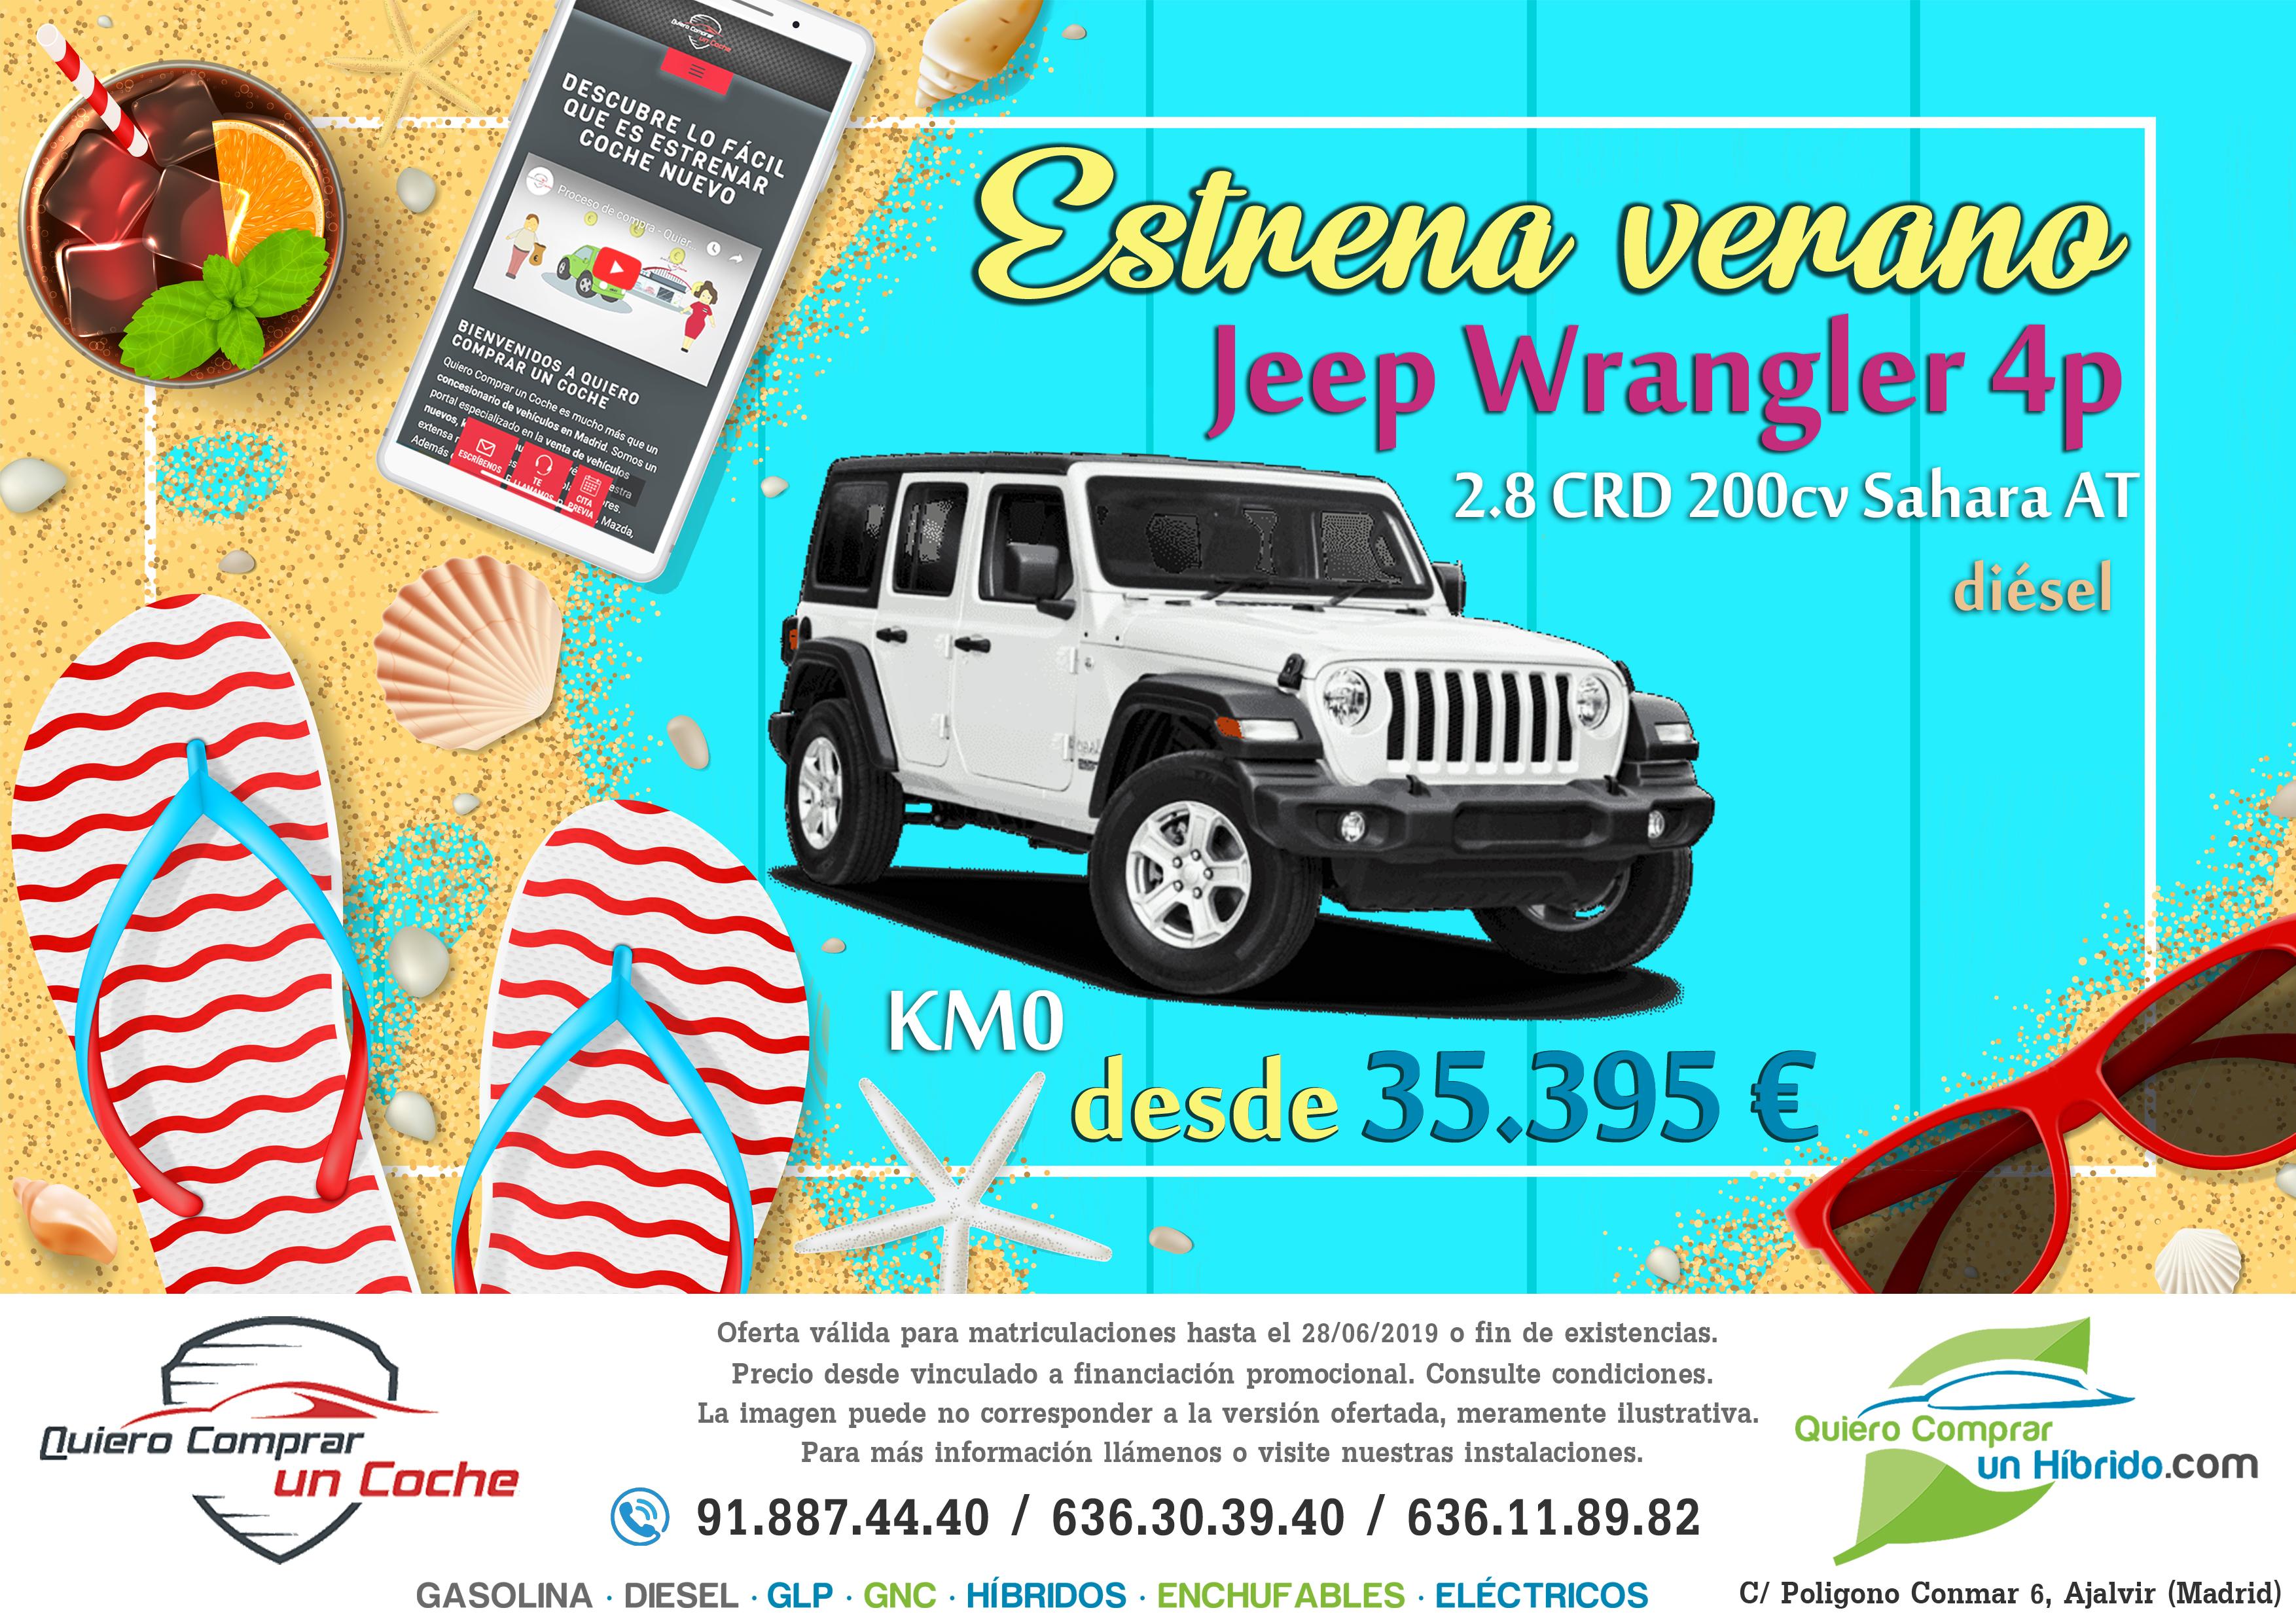 JEEP WRANGLER 4P OFERTA QUIERO COMPRAR UN COCHE MADRID AJALVIR